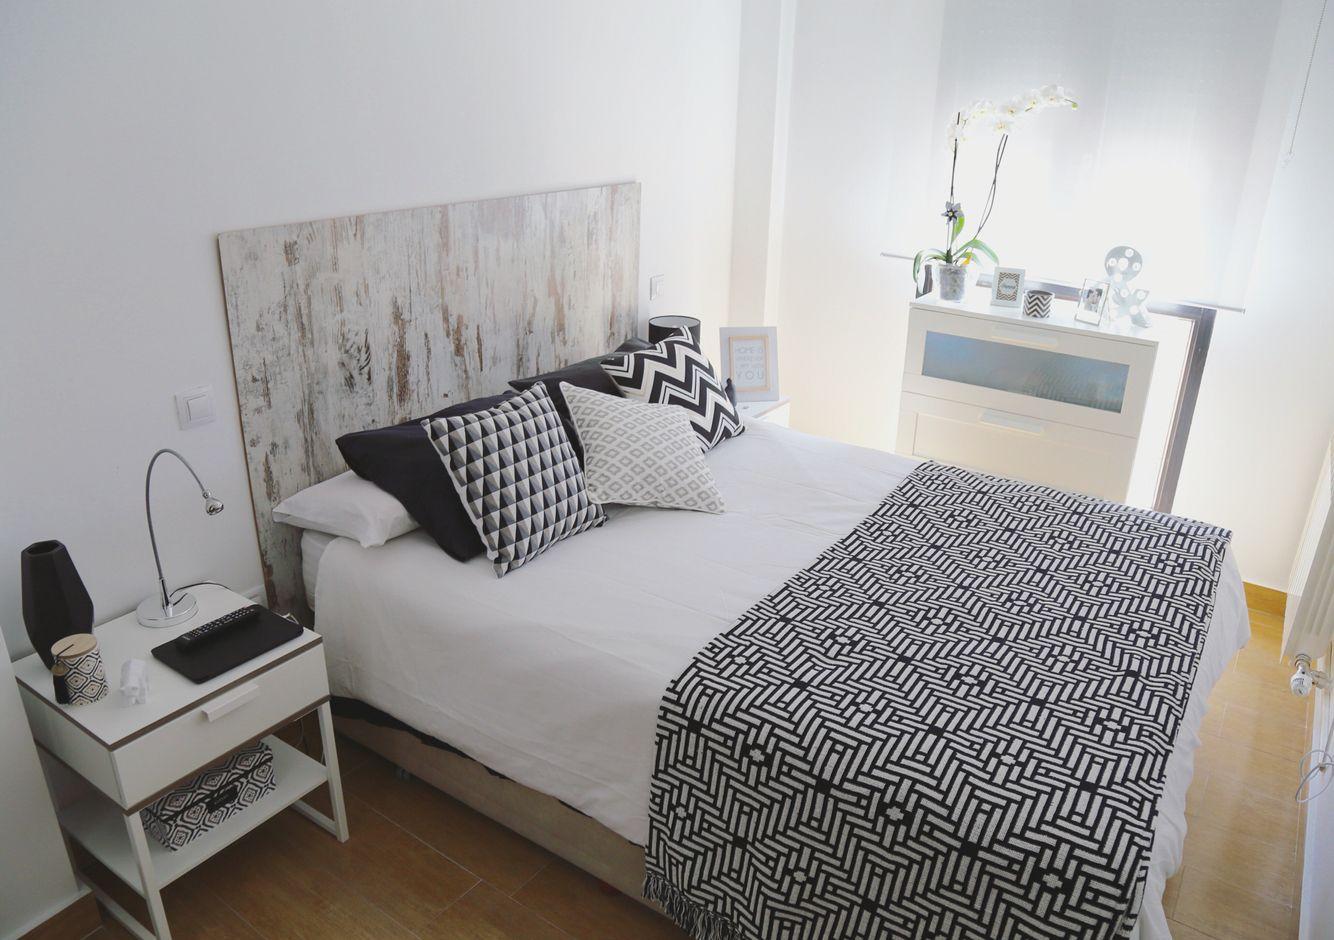 Cabecero diy con suelo laminado mesillas y c moda de ikea y ropa de cama de maisons du monde - Ropa de cama en ikea ...